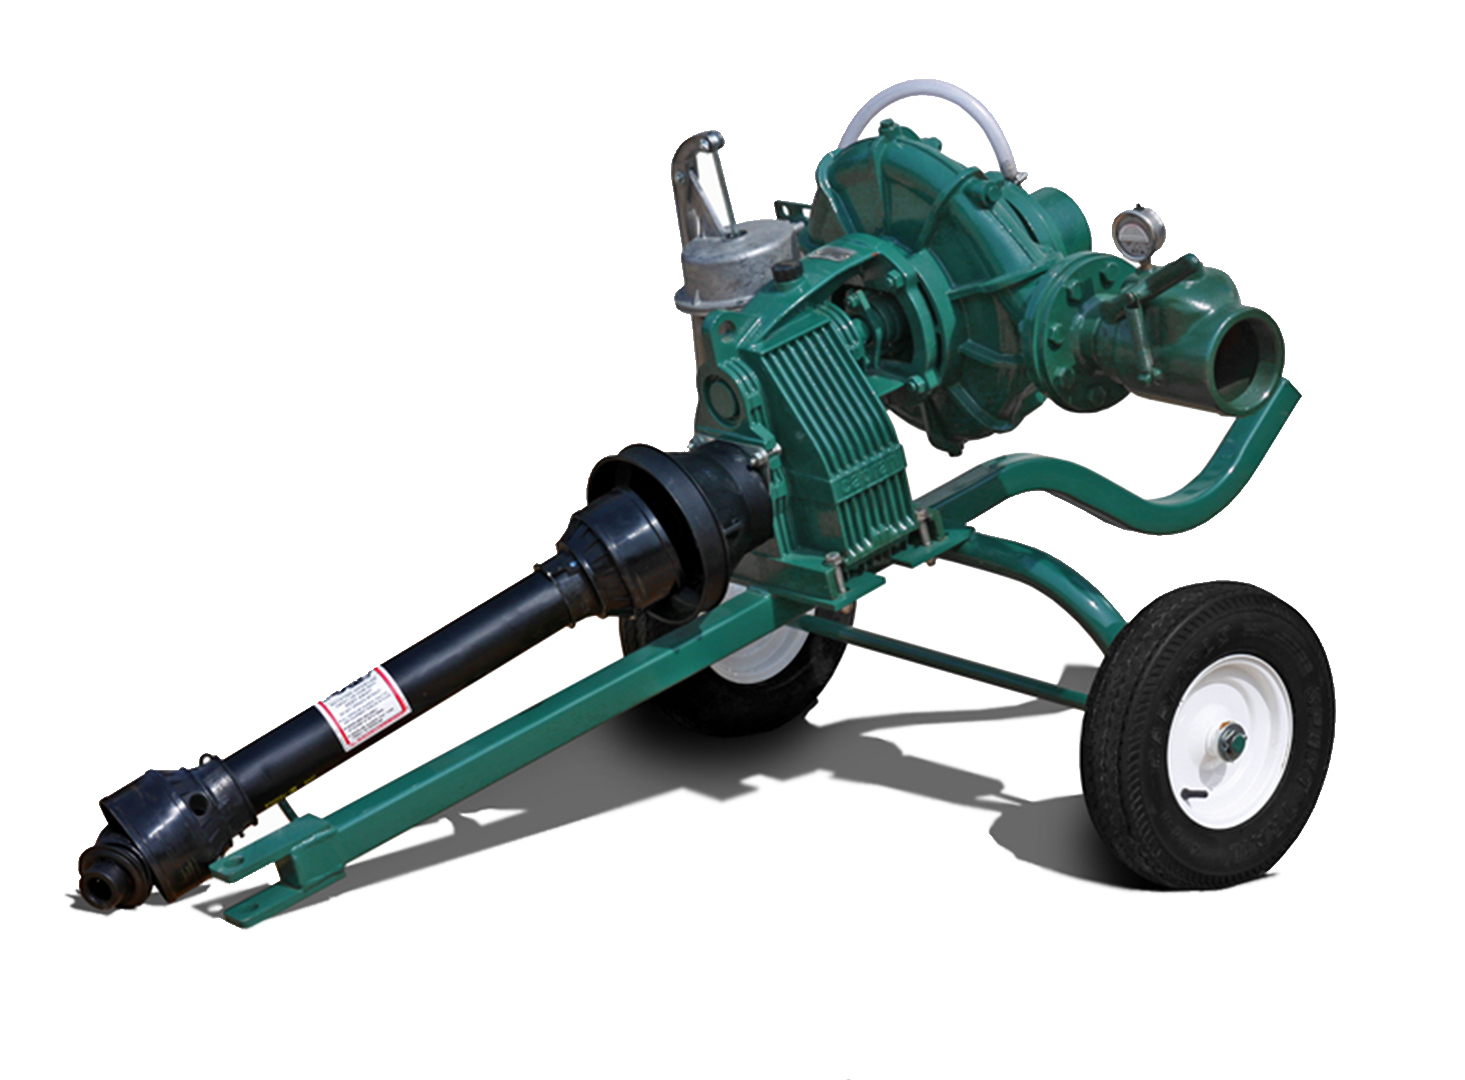 pompe arrosage prise force tracteur